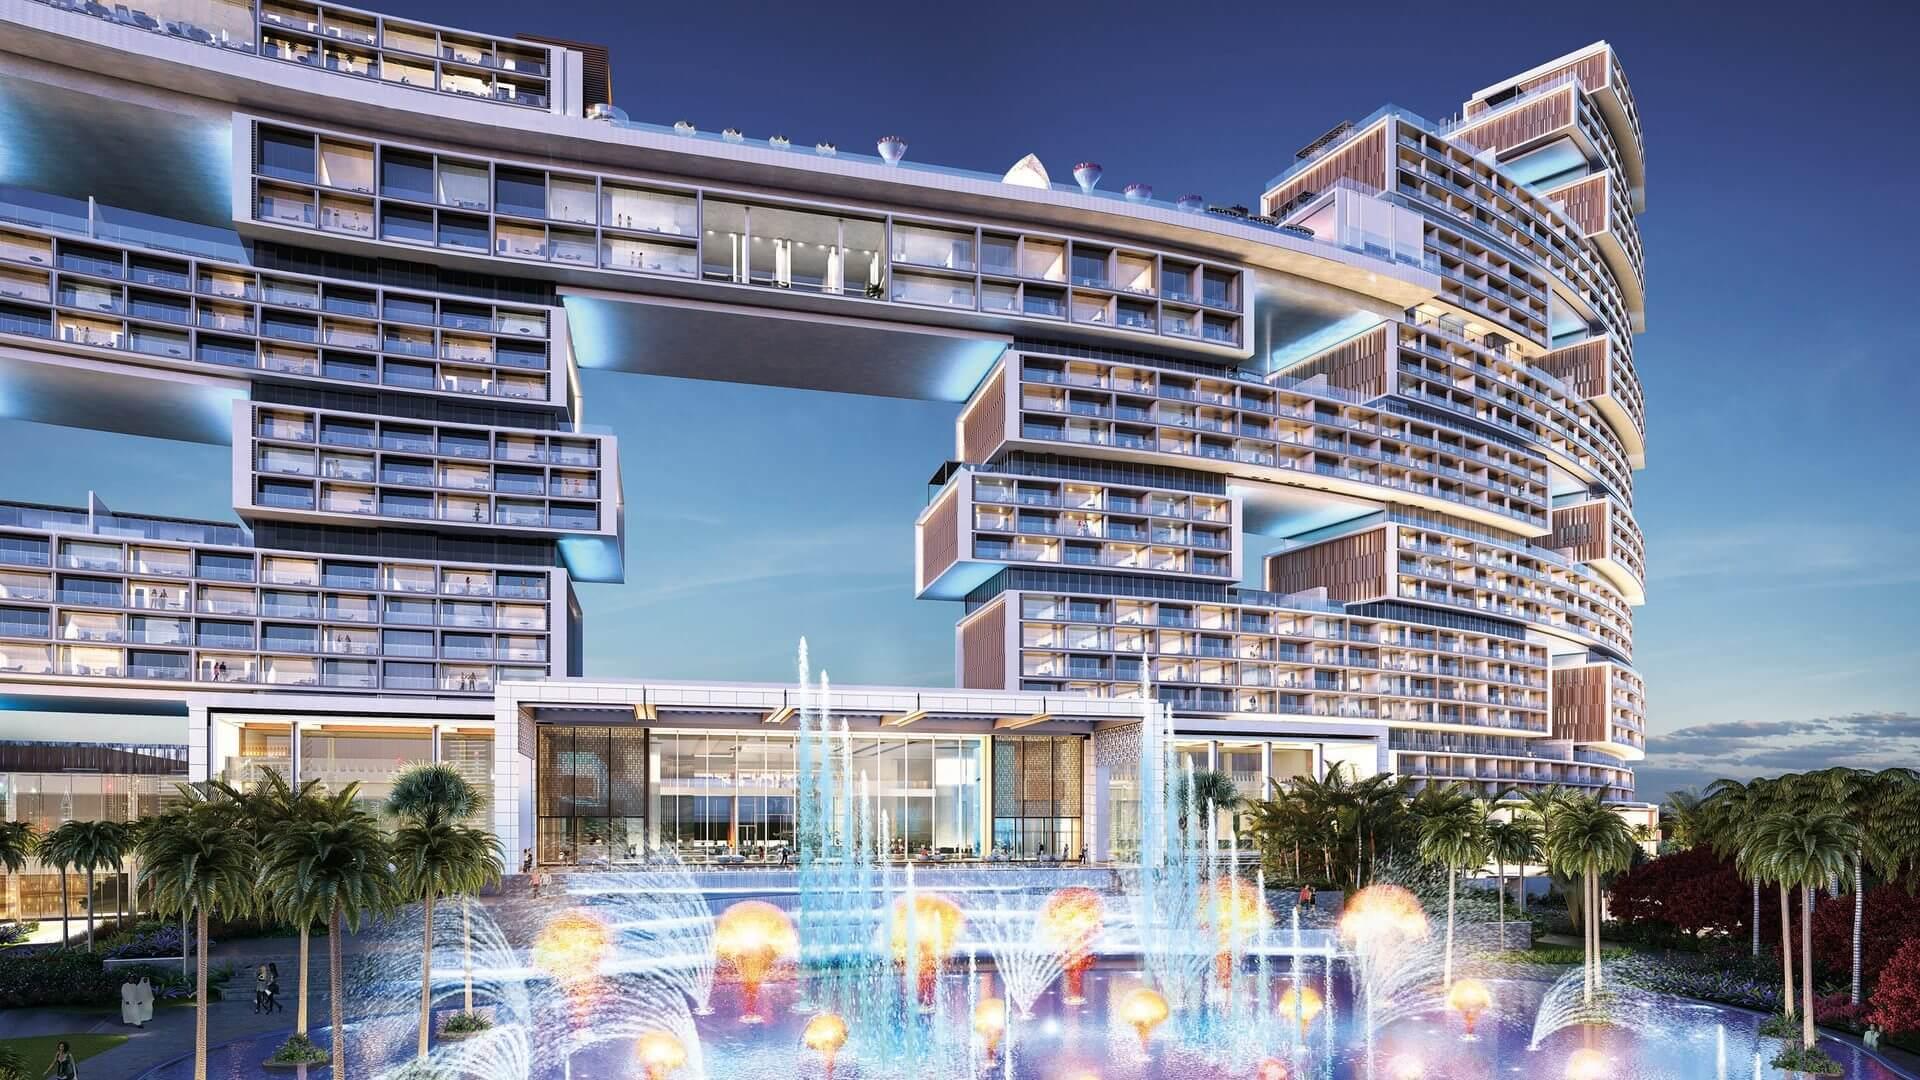 ROYAL ATLANTIS RESORT & RESIDENCES, Palm Jumeirah, Dubai, UAE – photo 4